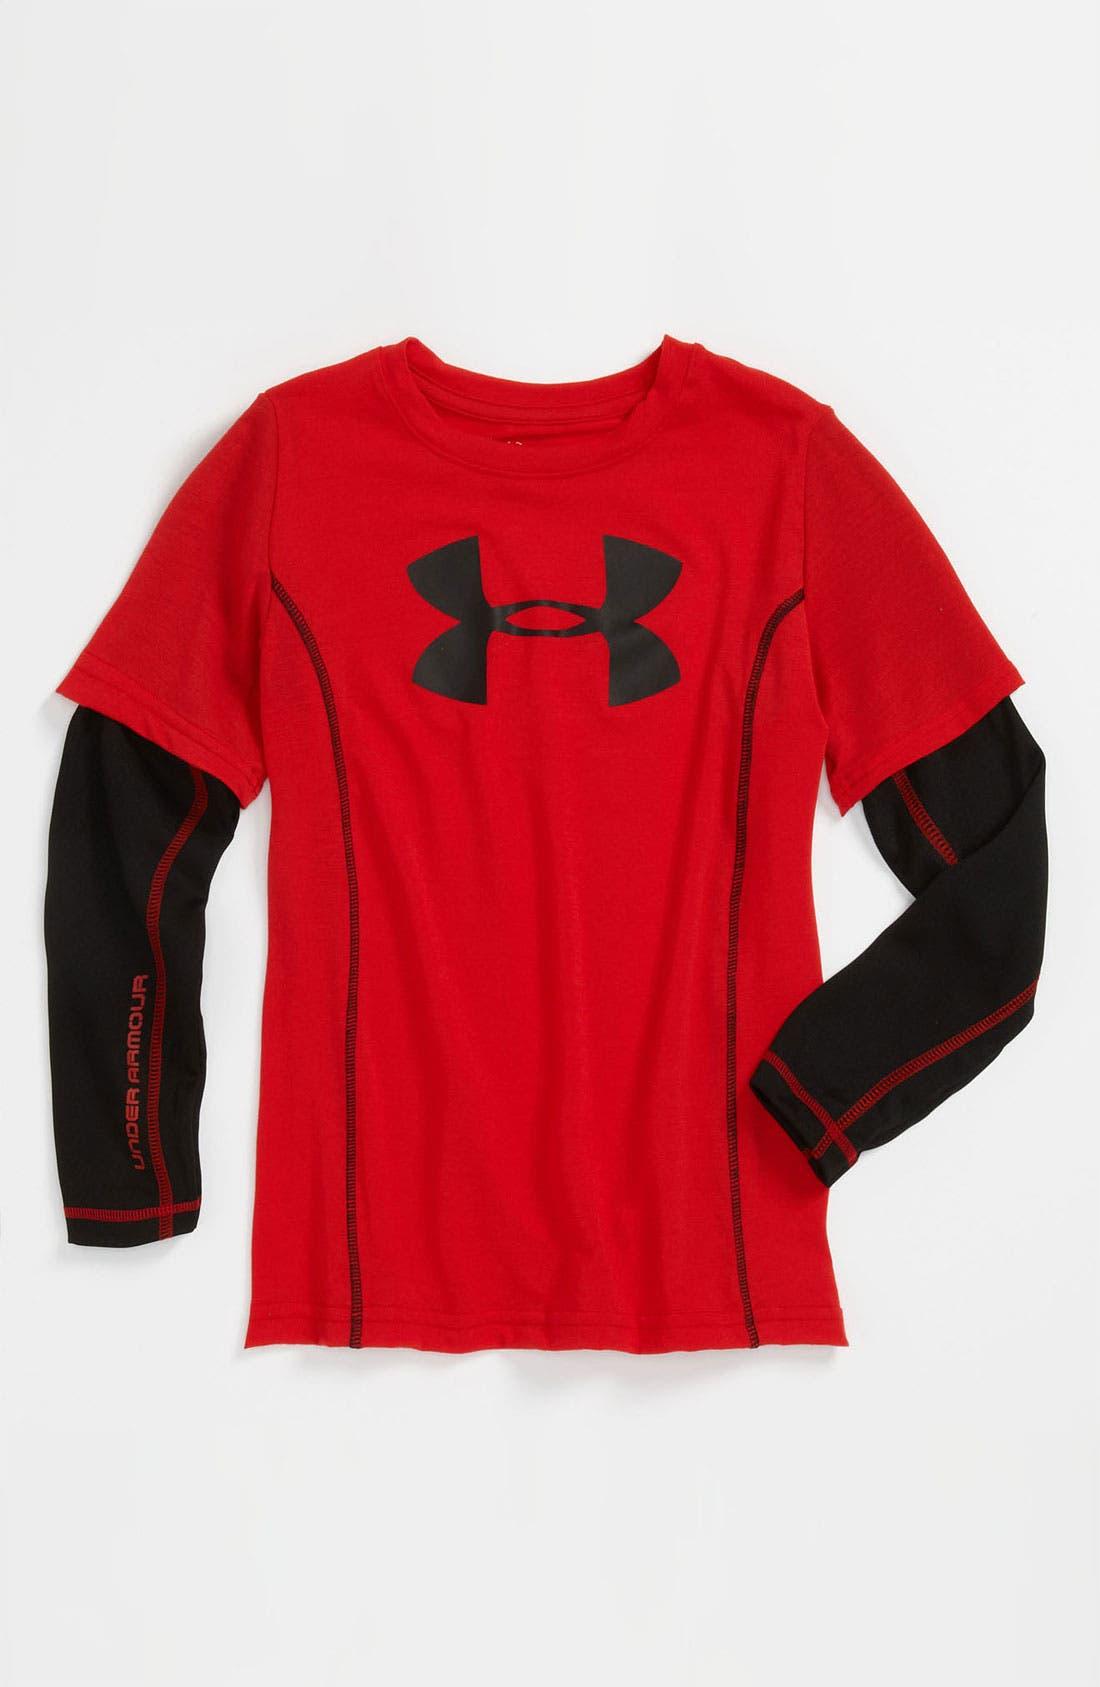 Main Image - Under Armour 'Slider' AllSeasonGear® T-Shirt (Little Boys)